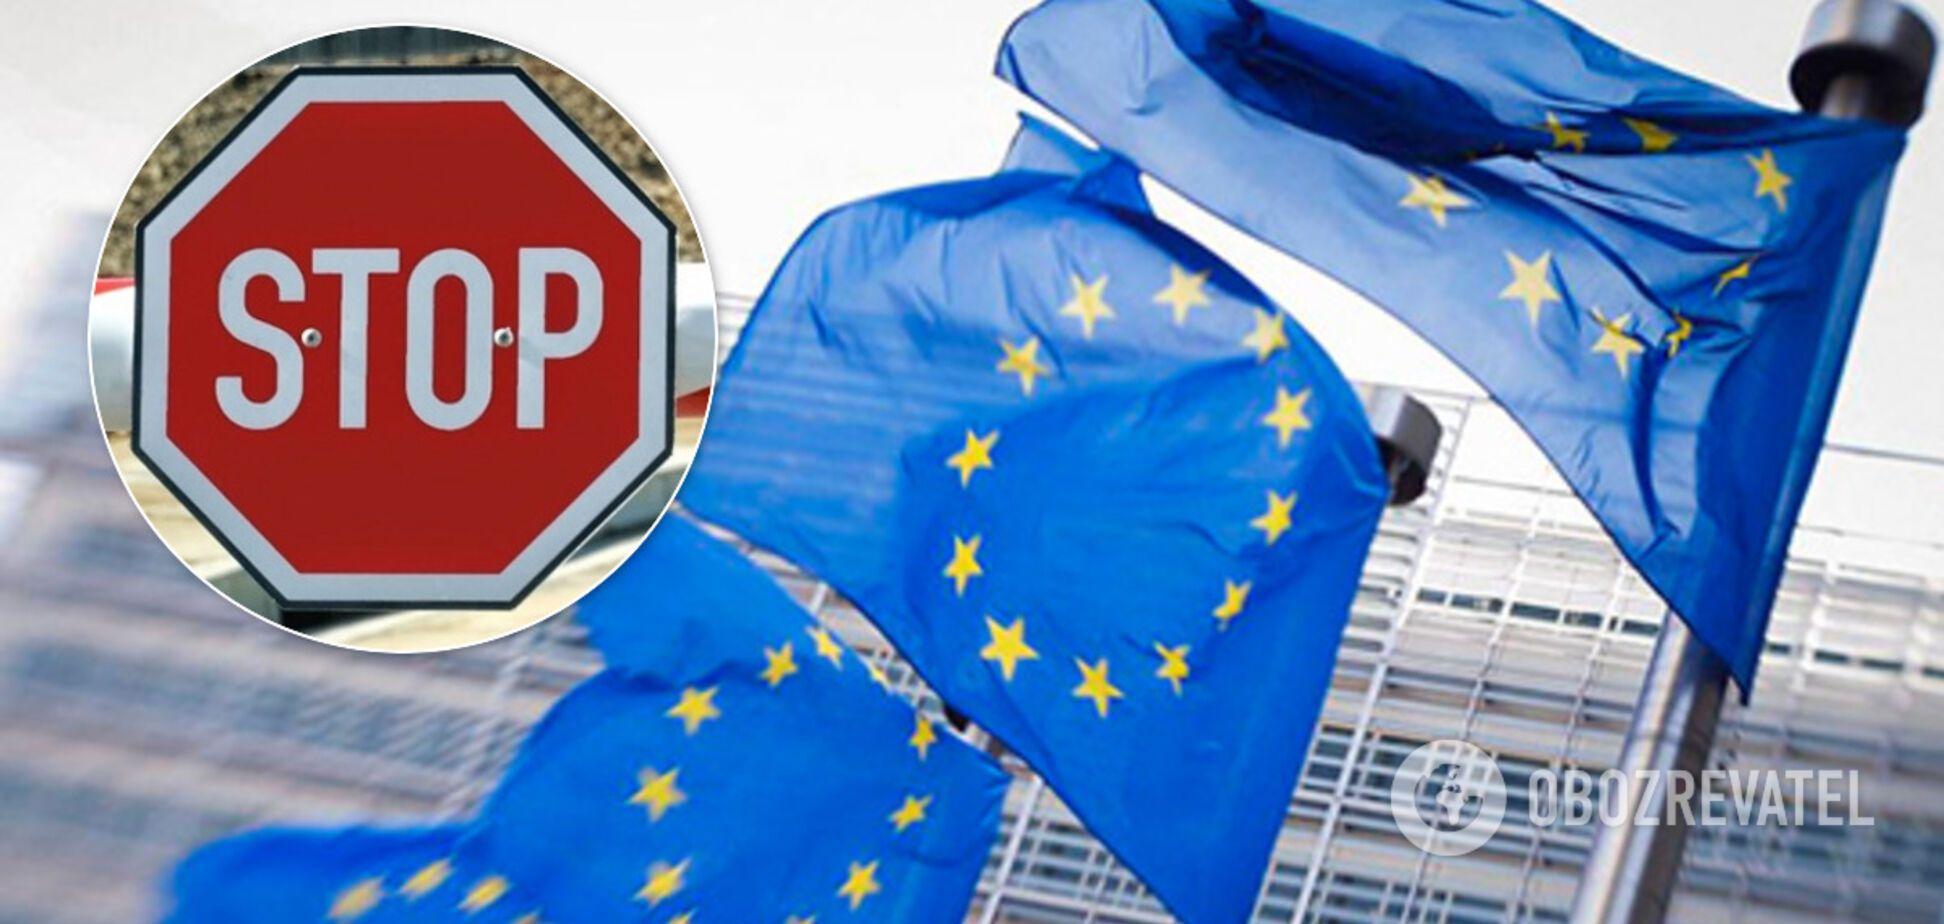 ЄС закрив кордони через коронавируса